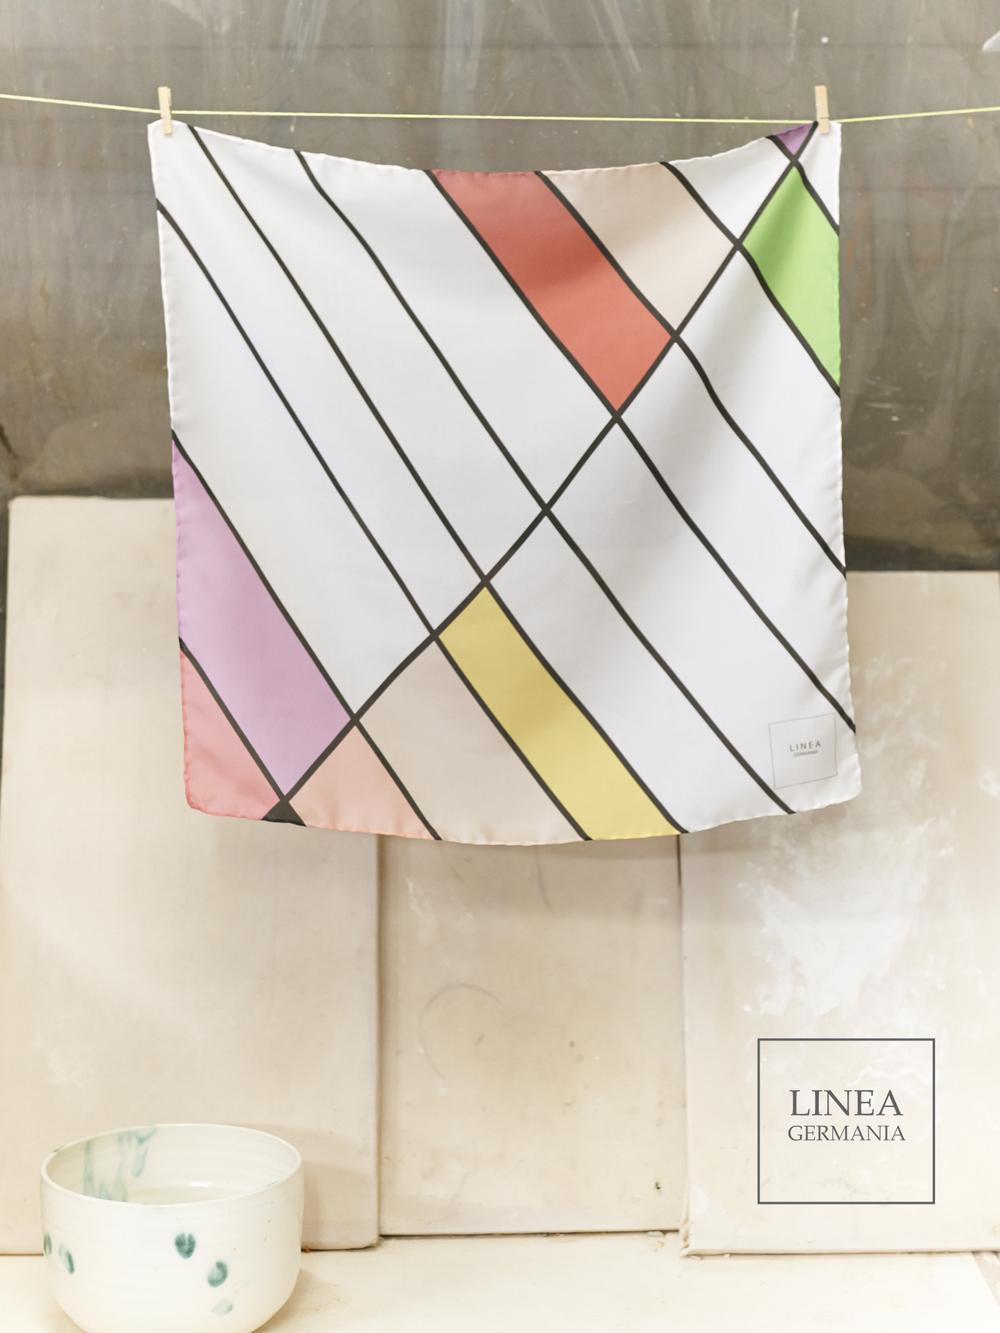 Linea Germania Color Dance 1c.jpg